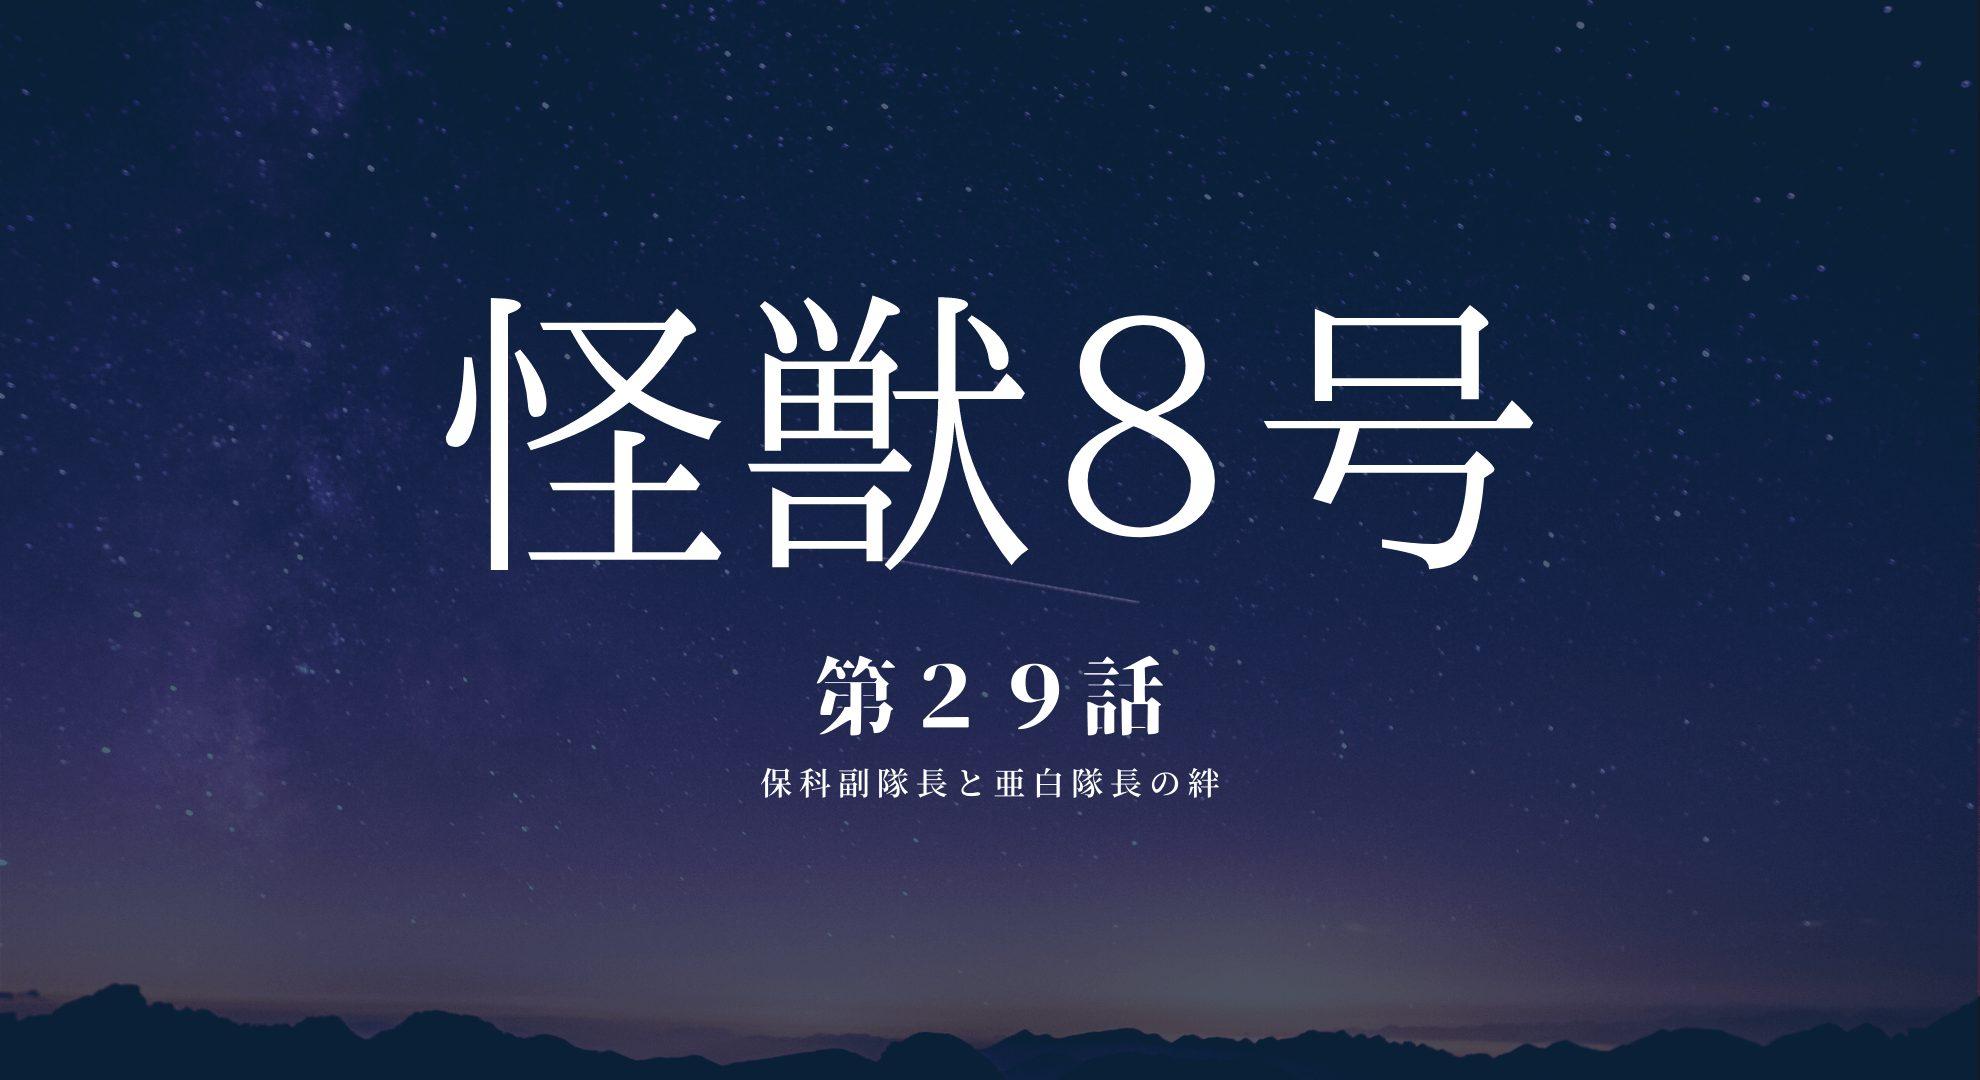 怪獣8号29話アイキャッチ画像